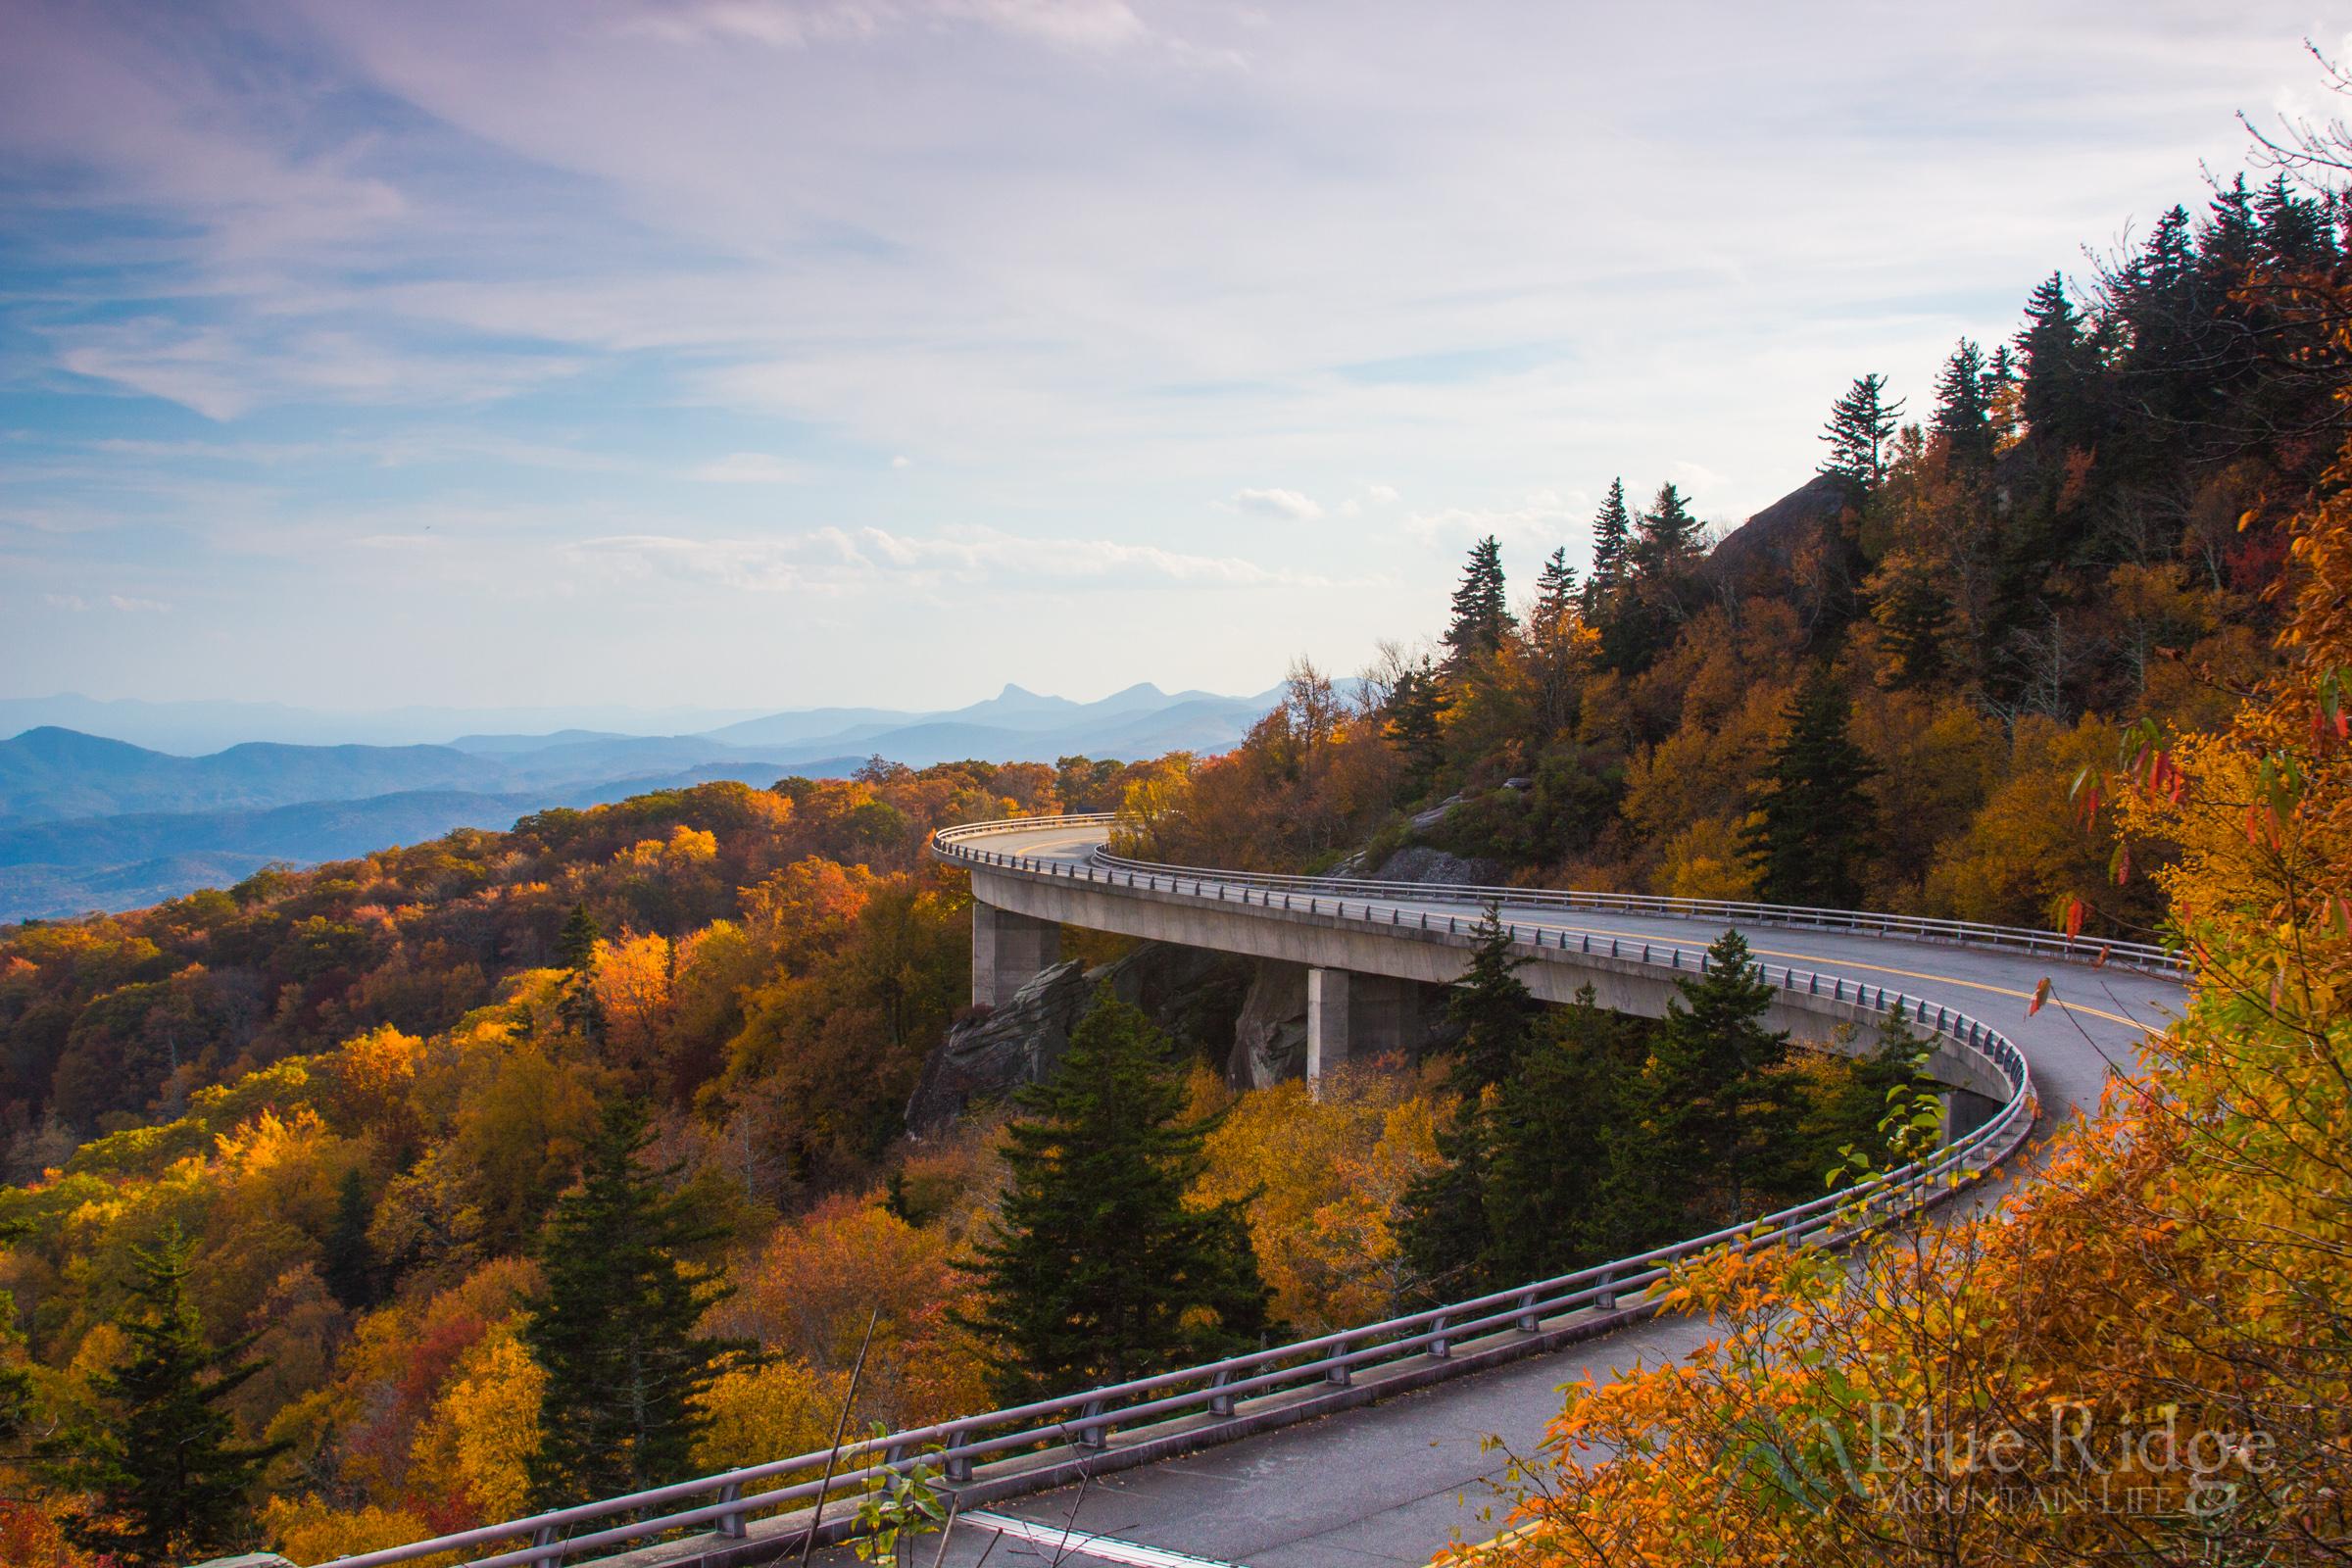 fall foliage 2019 forecast